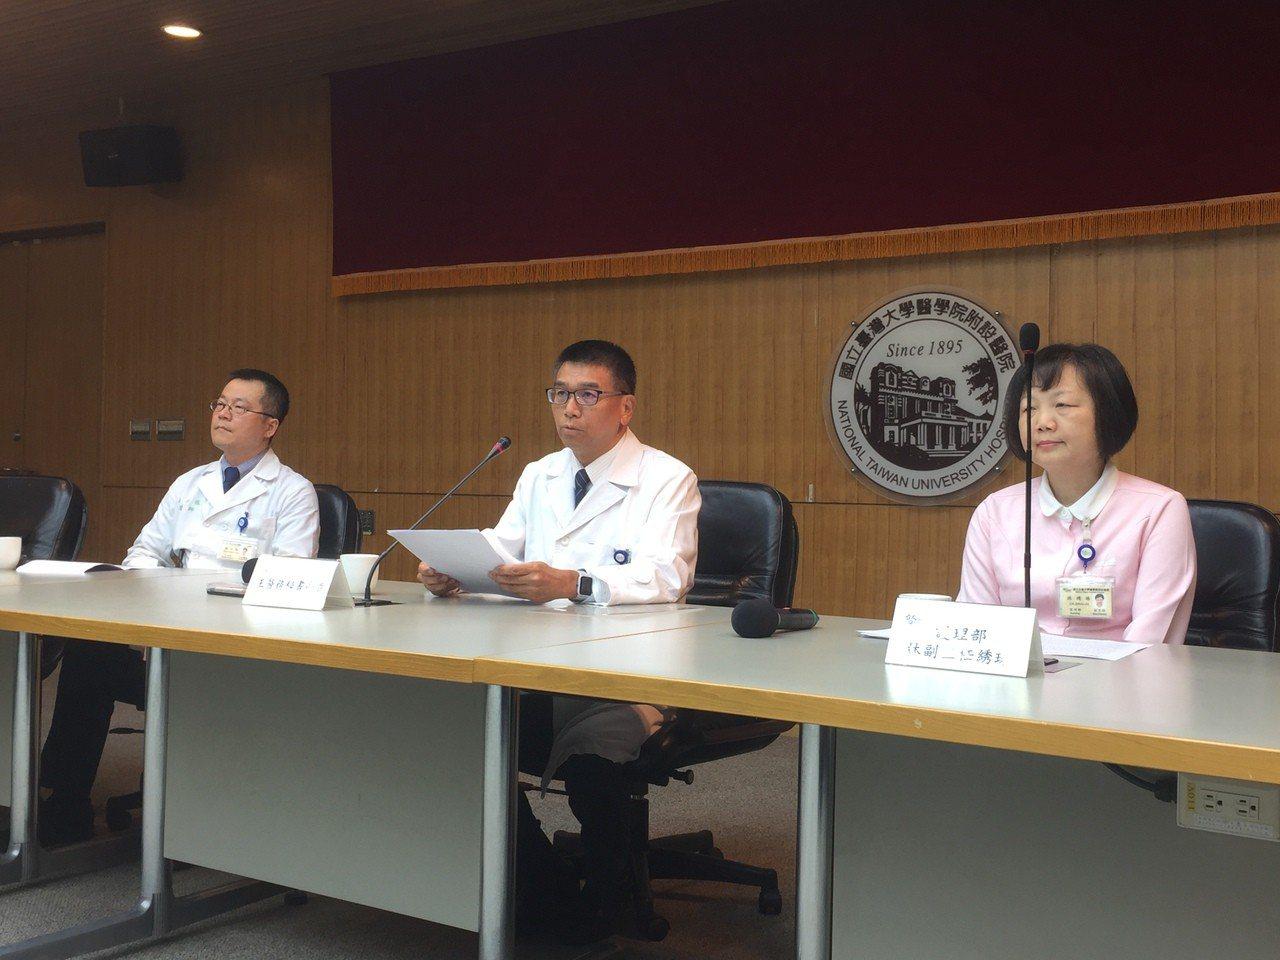 台大醫院證實造成2死。記者陳雨鑫/攝影